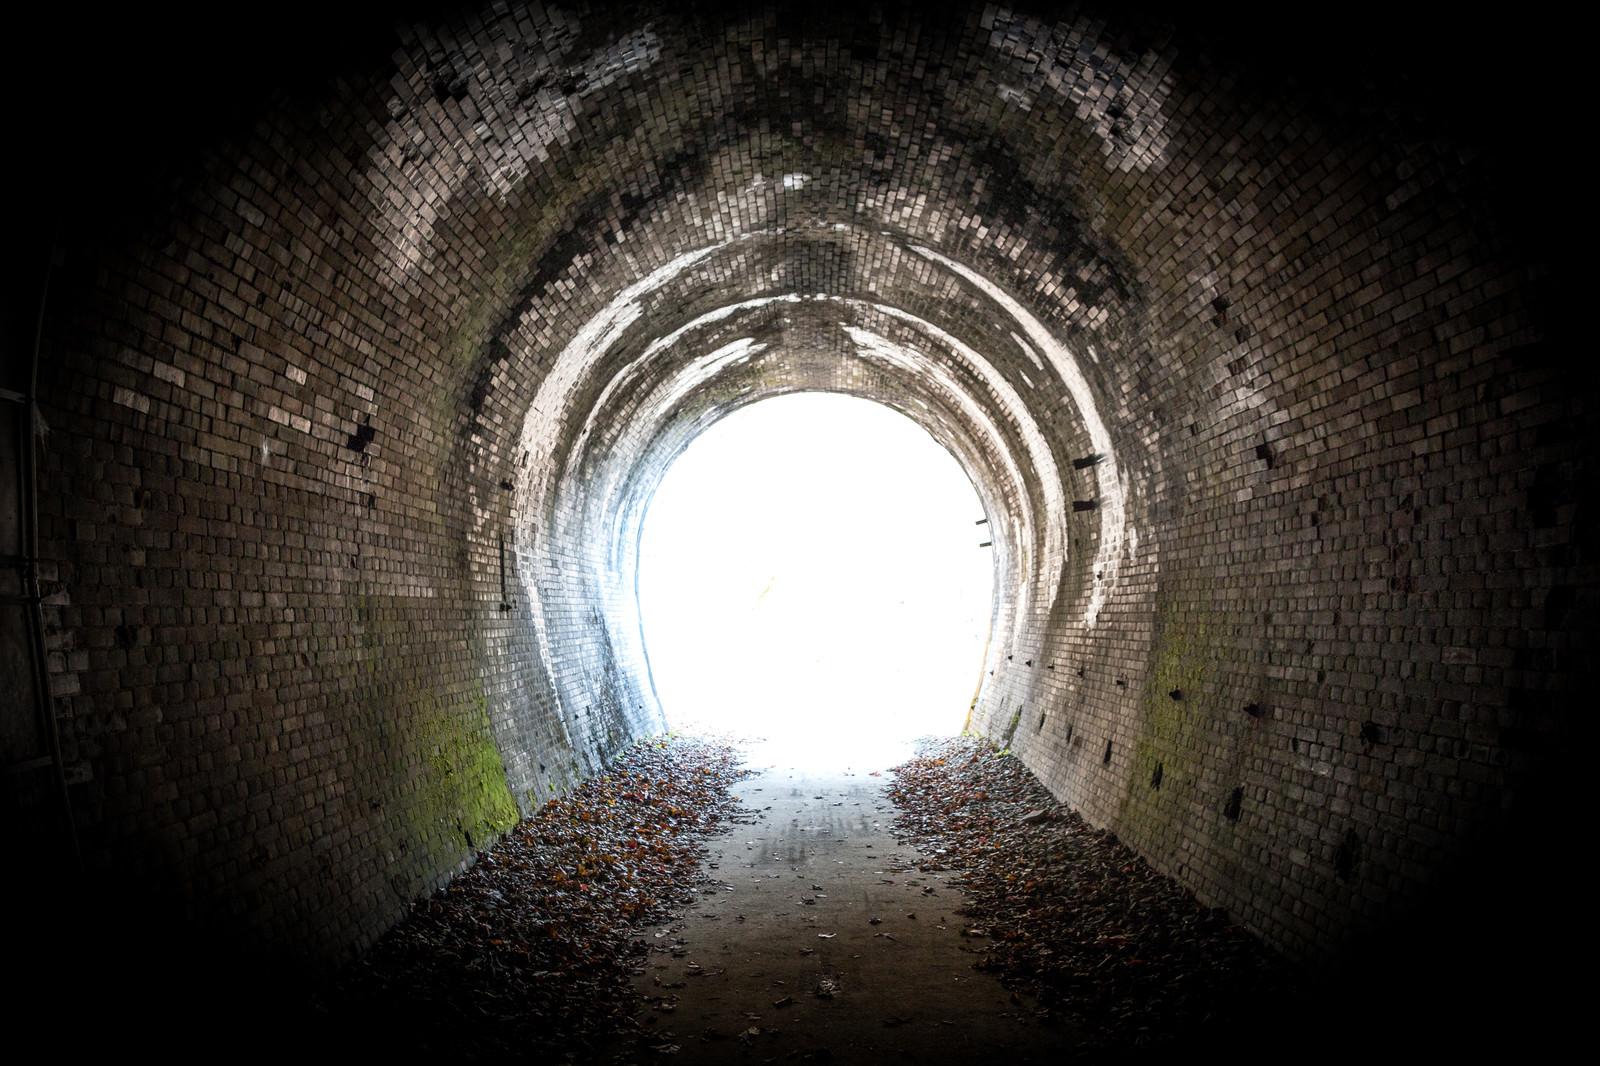 「廃線トンネルを抜けて廃線トンネルを抜けて」のフリー写真素材を拡大